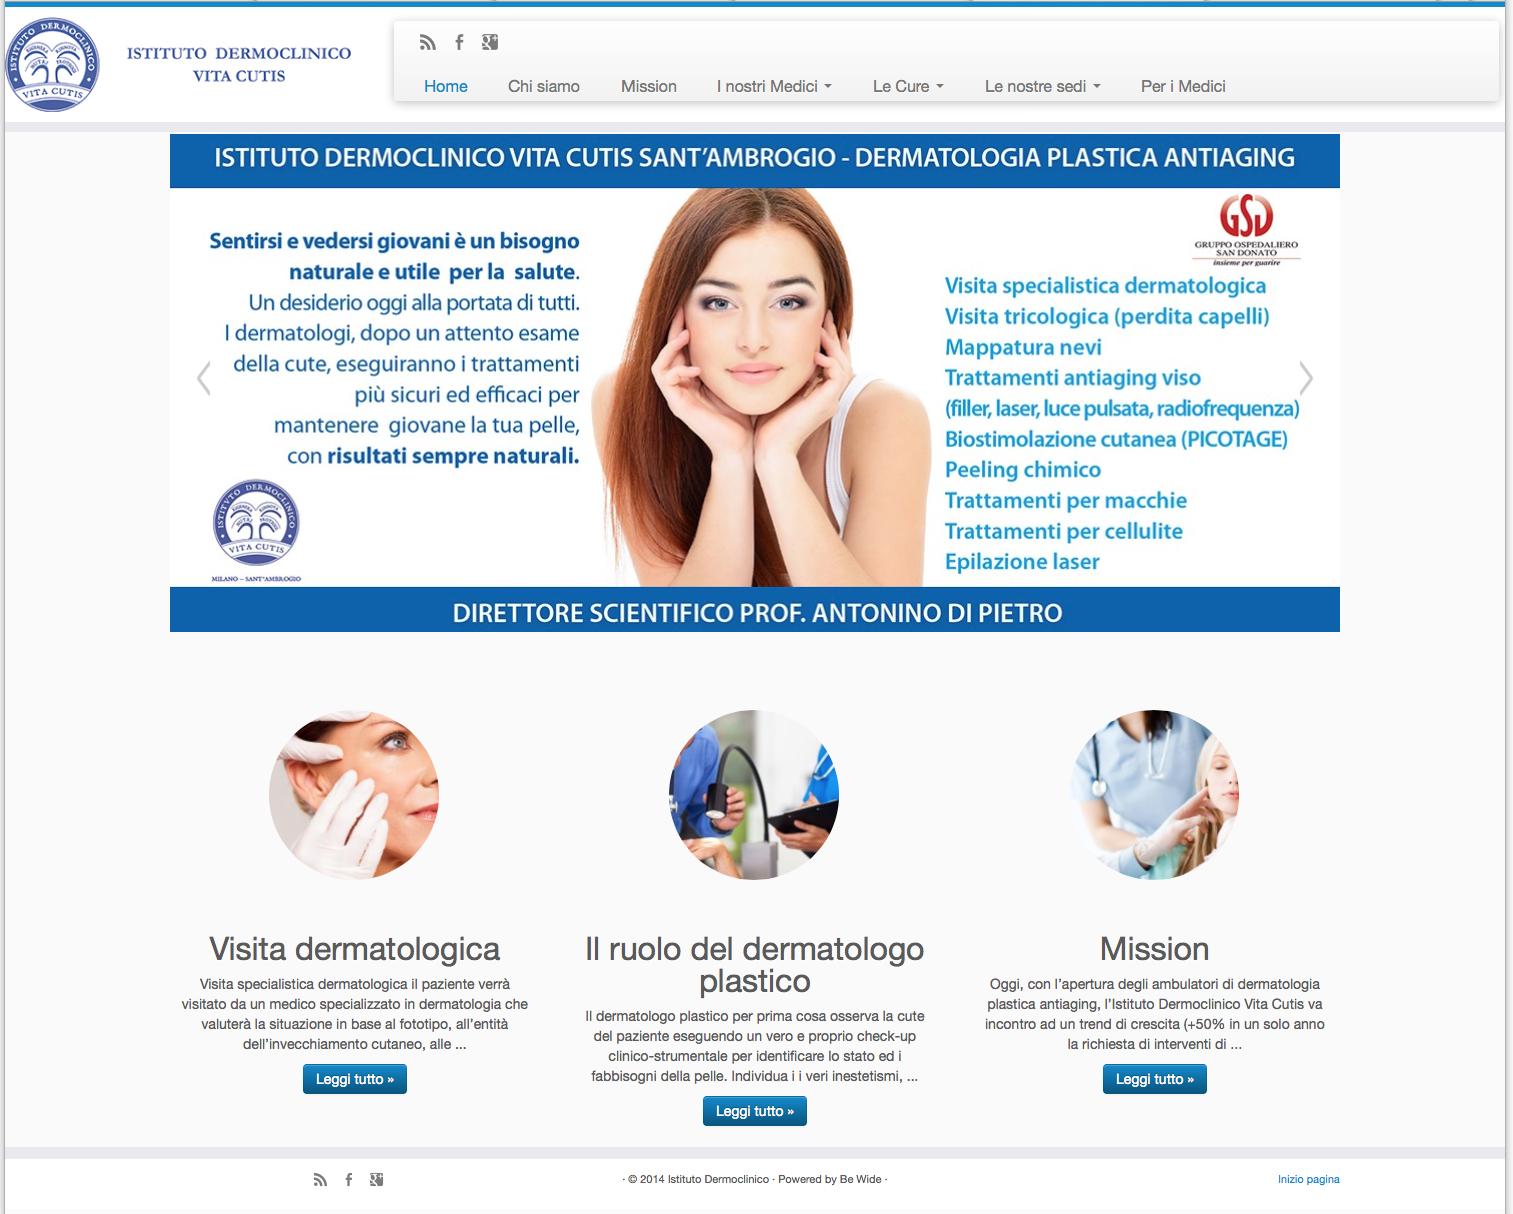 Istituto Dermoclinico Vita Cutis